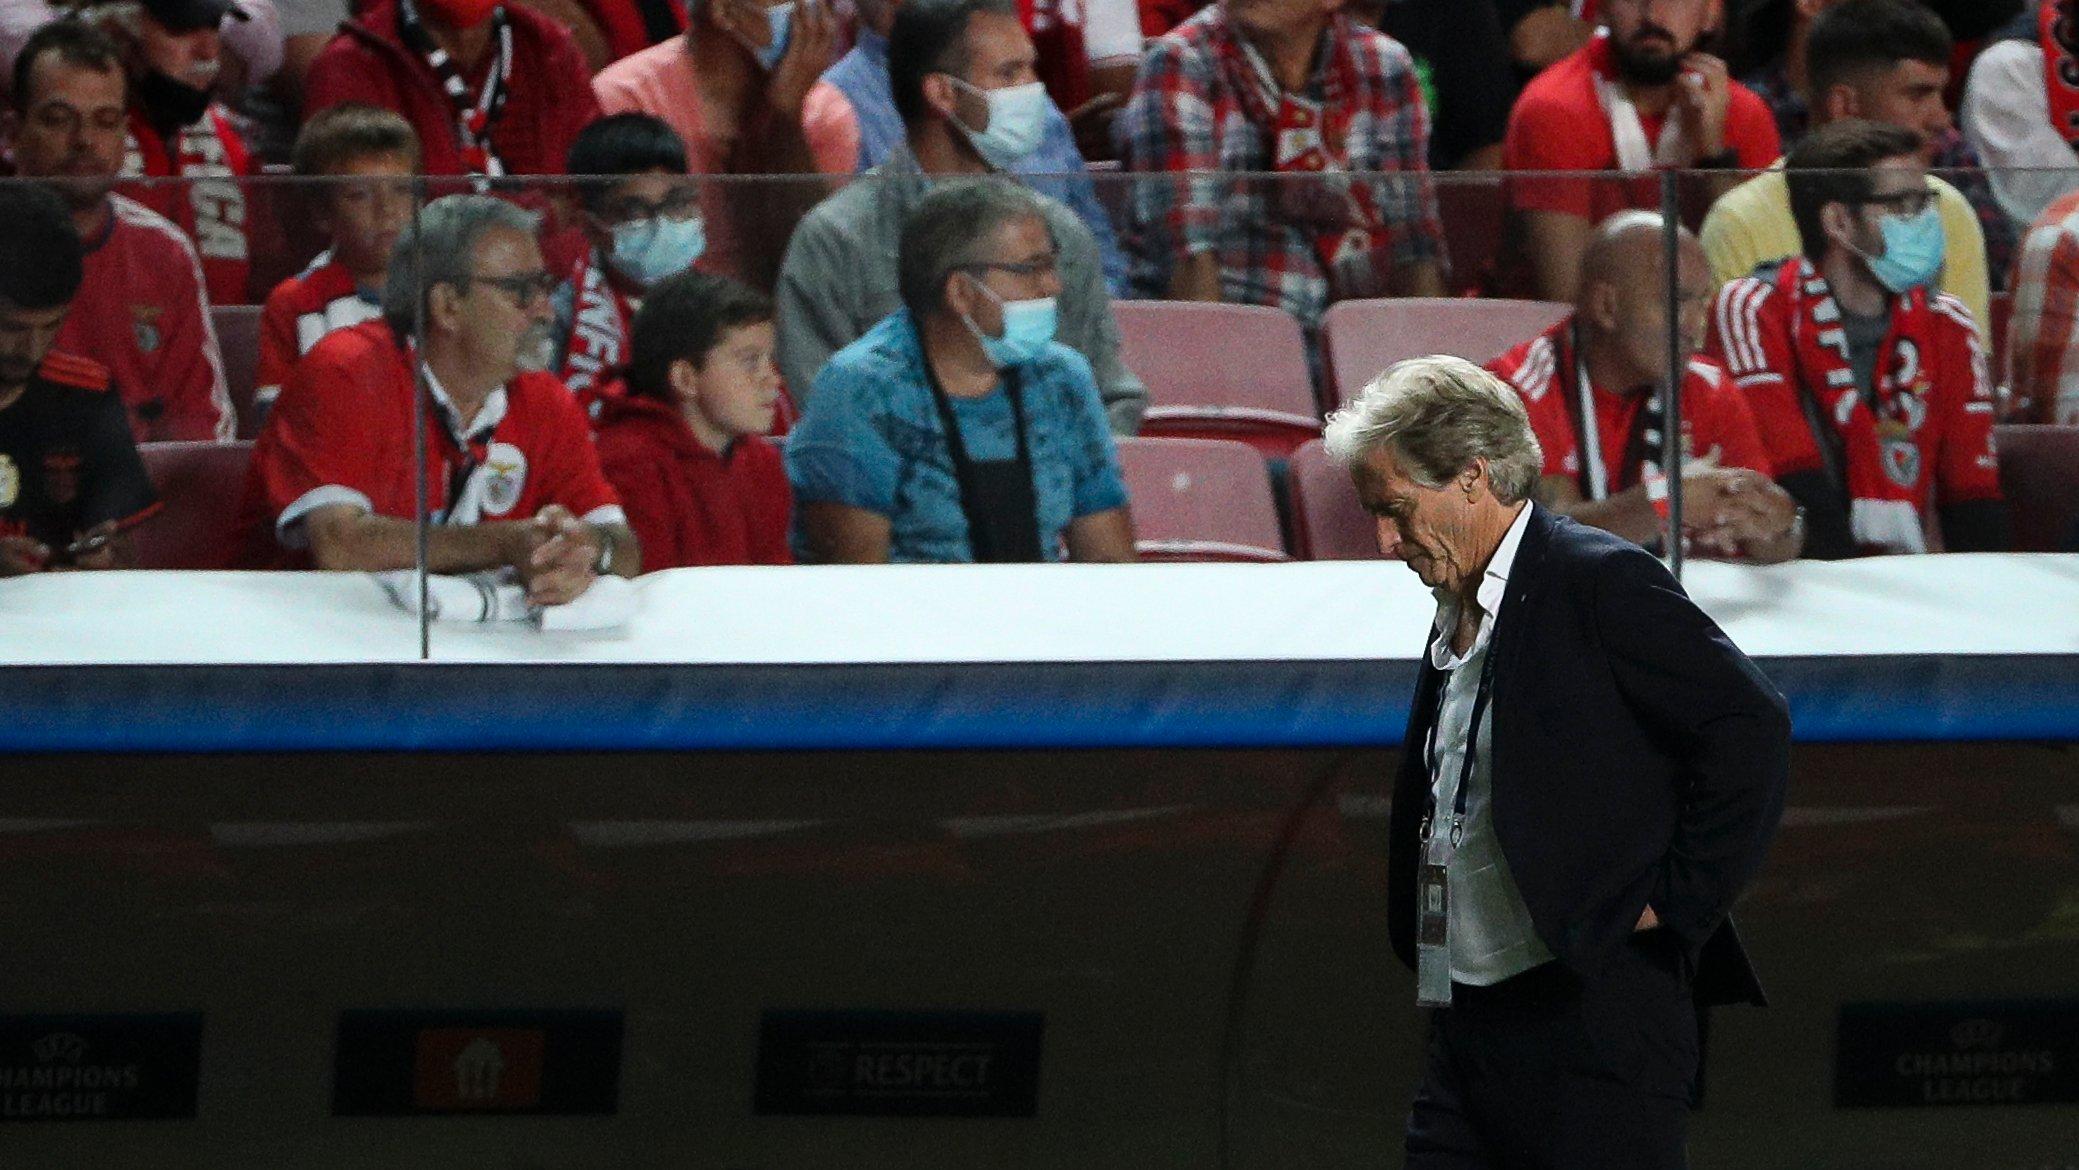 Jorge Jesus durante o jogo entre o Sport Lisboa e Benfica e o Fussball Club Bayern Munchen, no estádio da Luz, a contar para a 3ª jornada da fase de grupos da Liga dos Campeões 2021/22. Lisboa, 20 de Outubro de 2021. FILIPE AMORIM/OBSERVADOR